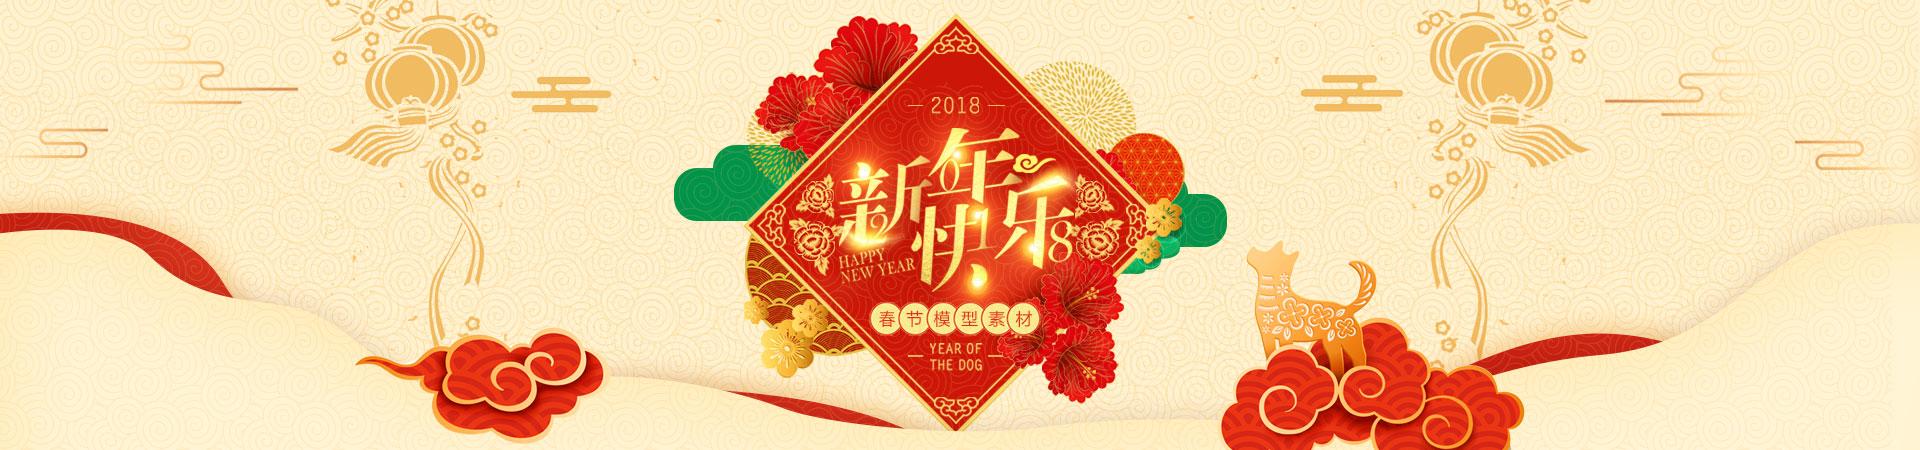 2018狗年春节设计模型素材下载